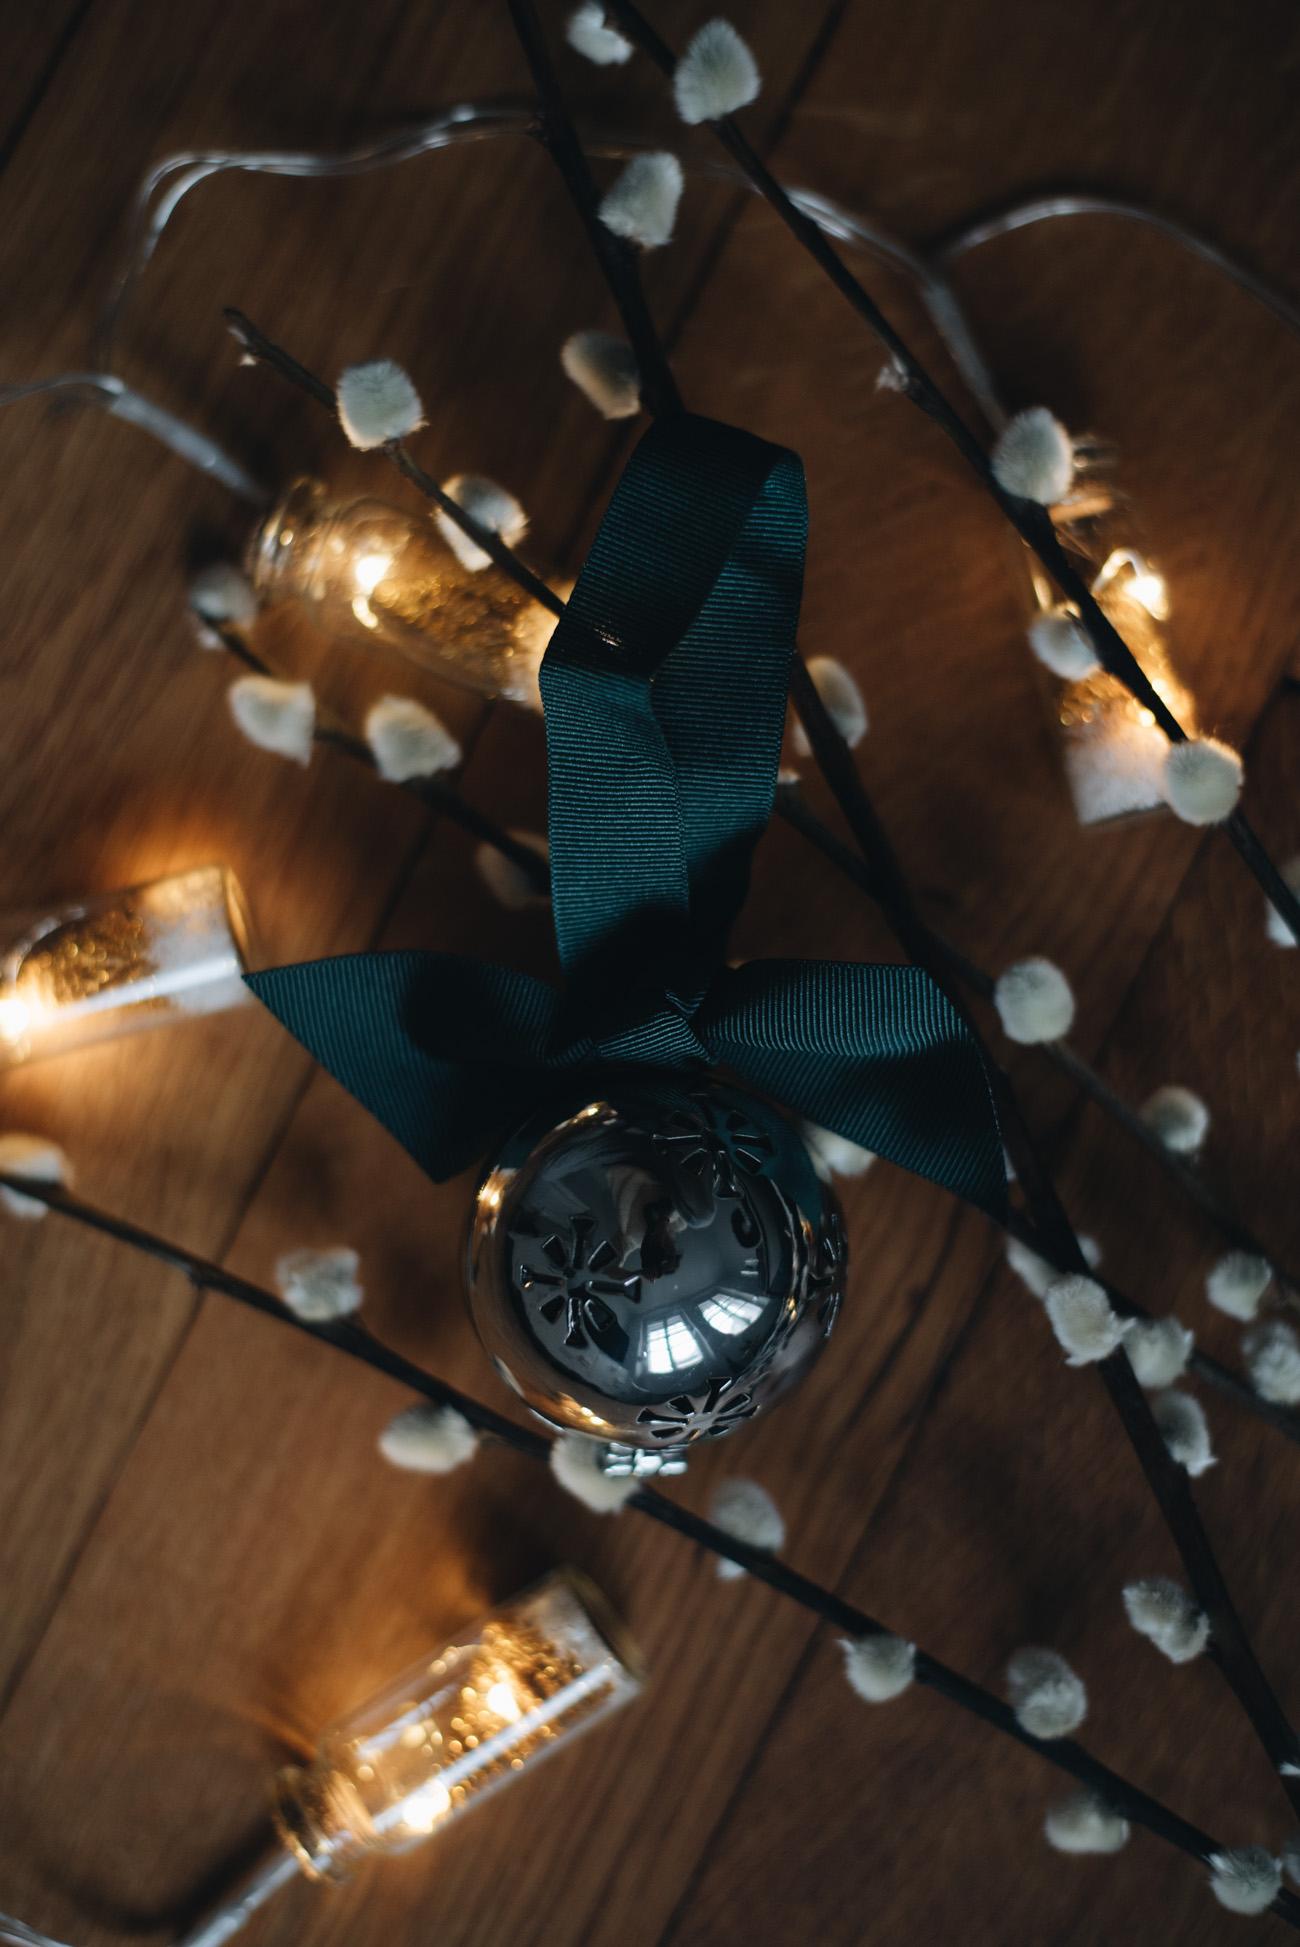 Nina-Schwichtenberg-mode-und-beauty-bloggerin-deutschland-münchen-weihnachtsgeschenke-für-freunde-und-verwandte-fashiioncarpet